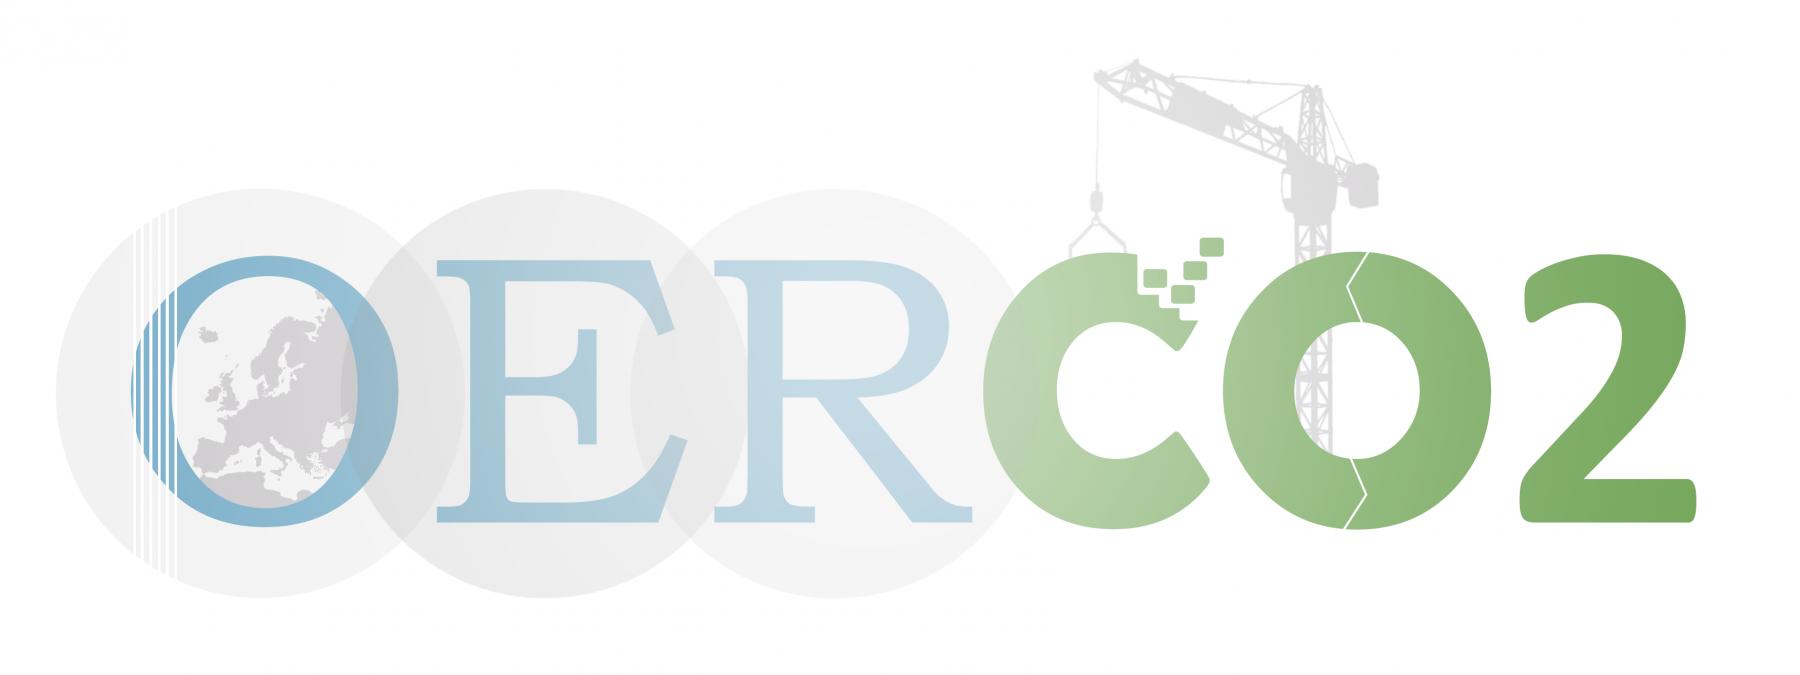 OERCO2 - Recursos educativos online para o estudo inovador do ciclo de vida de materiais de construção